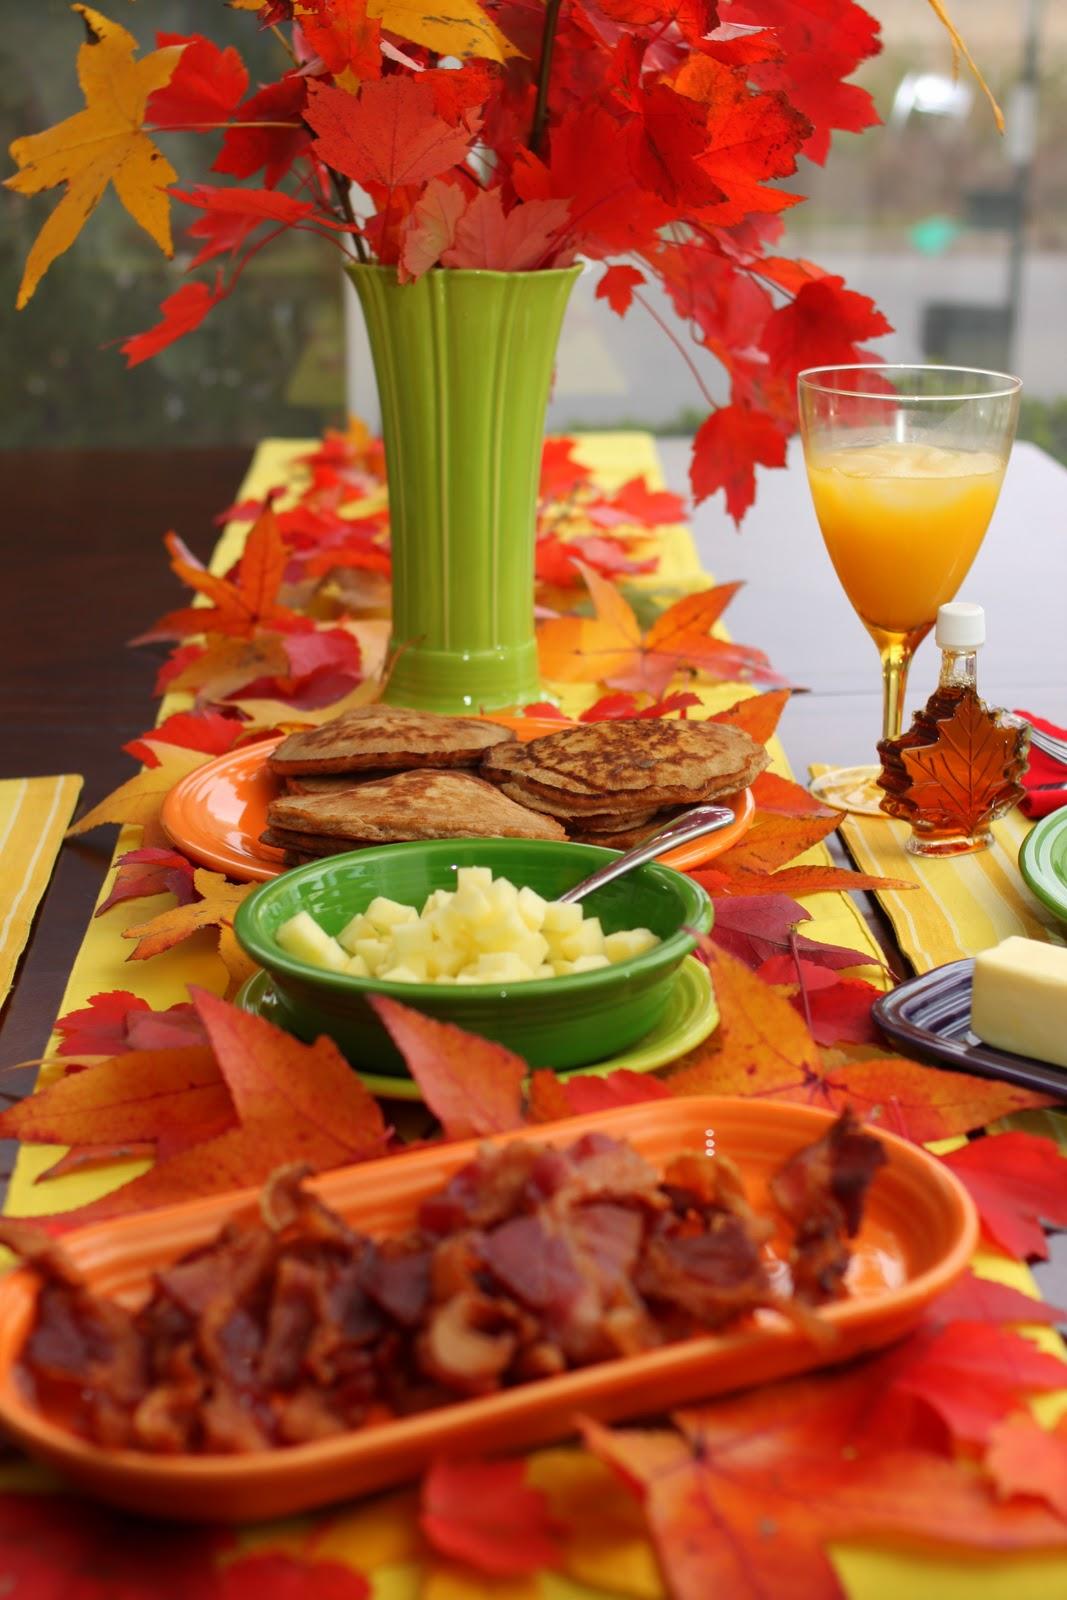 doodah Sunday Breakfast Caramel Apple Pancakes